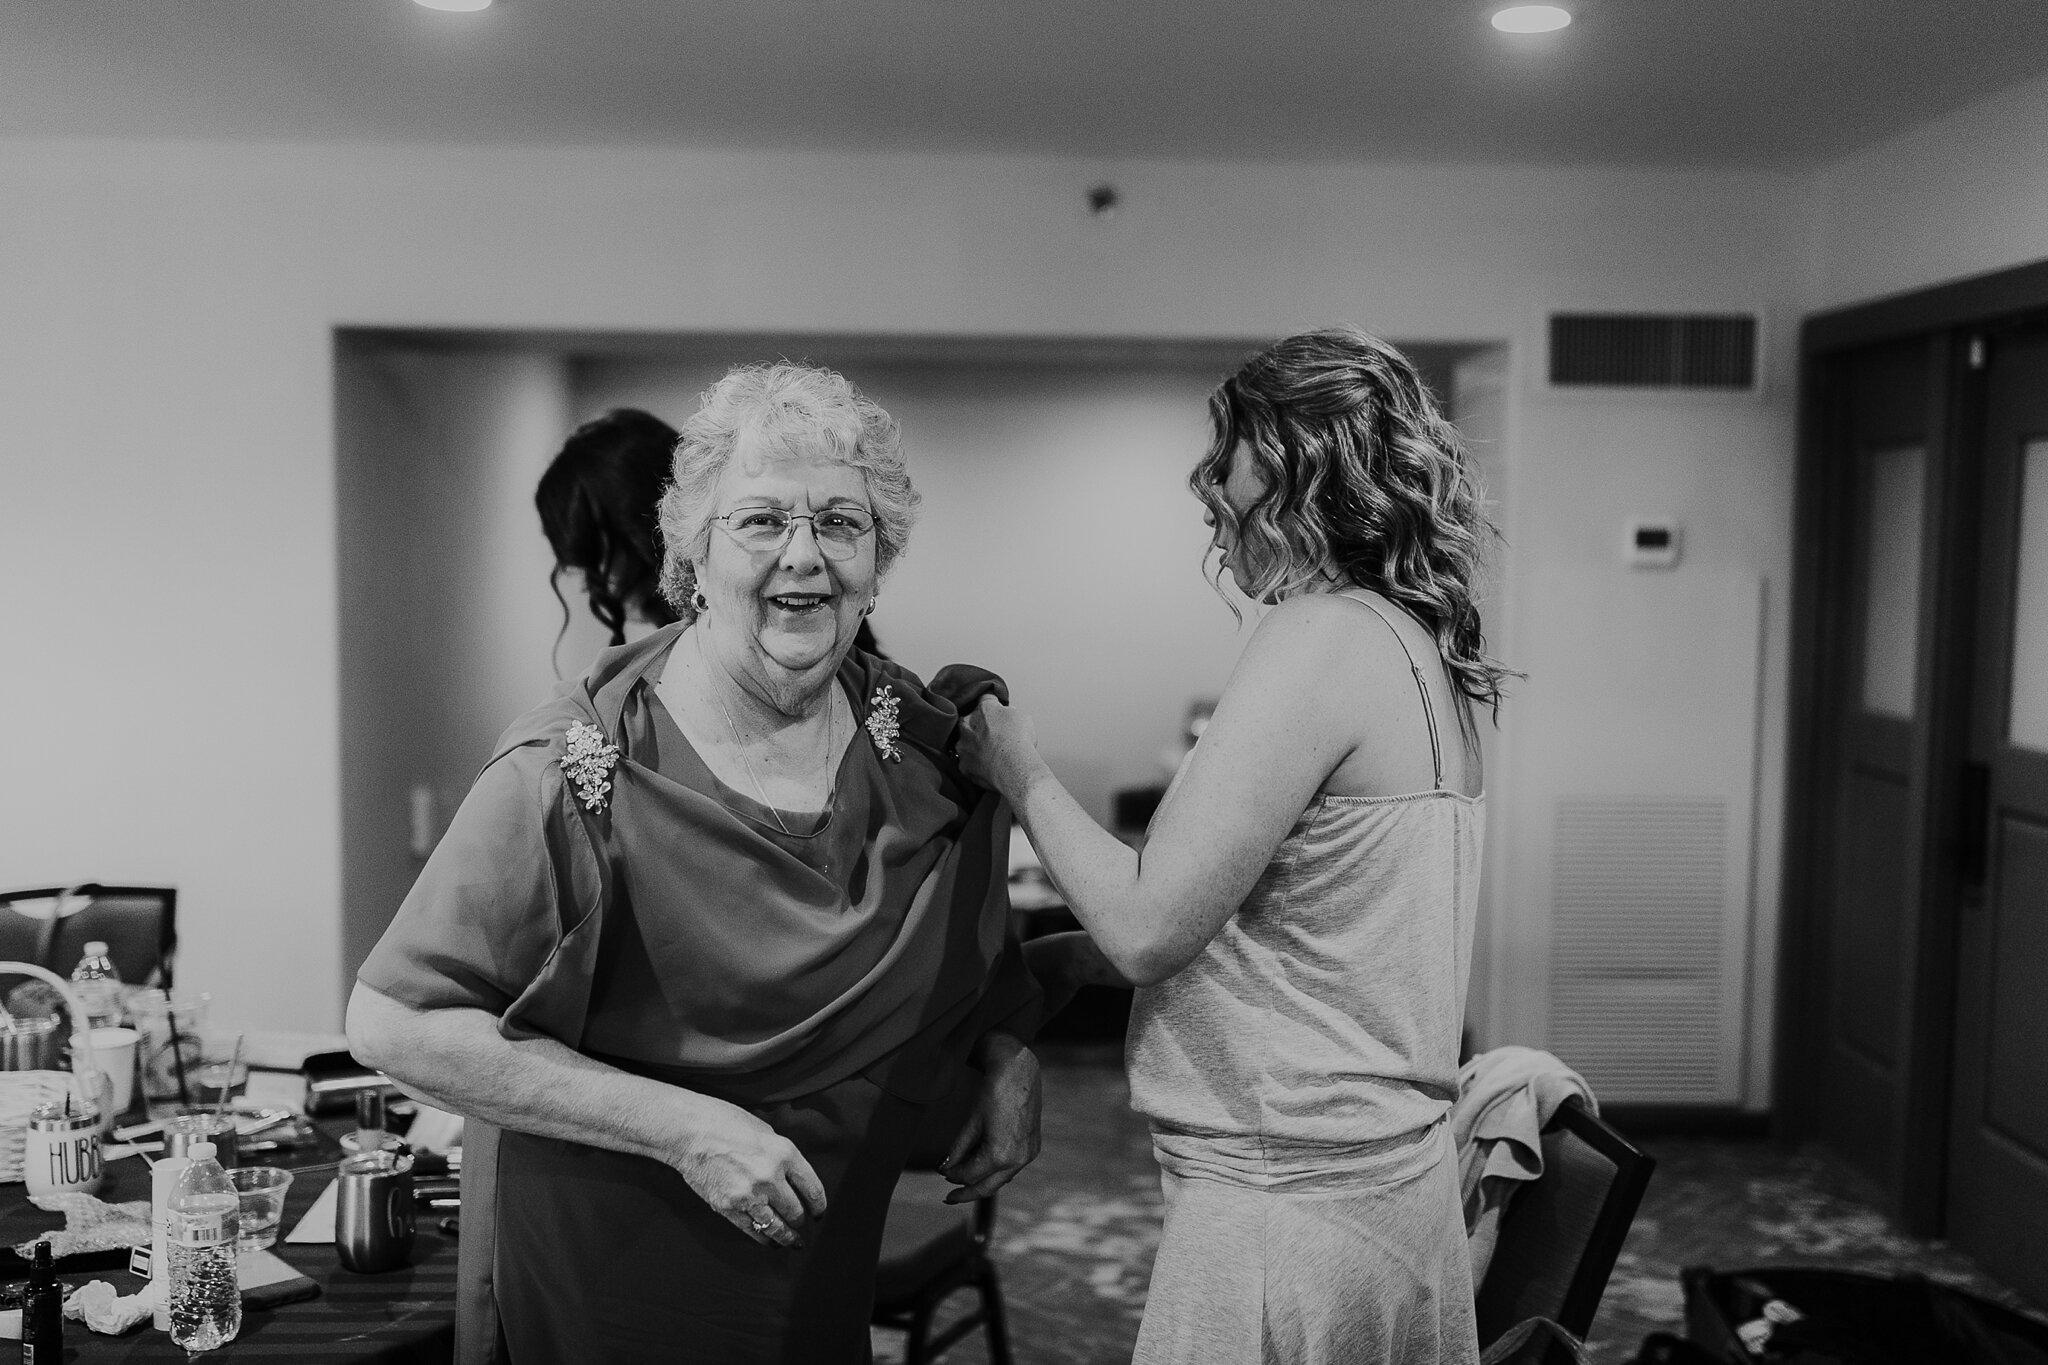 Alicia+lucia+photography+-+albuquerque+wedding+photographer+-+santa+fe+wedding+photography+-+new+mexico+wedding+photographer+-+new+mexico+wedding+-+hyatt+tamaya+wedding+-+washington+bride+-+fall+wedding+-+albuquerque+wedding_0017.jpg